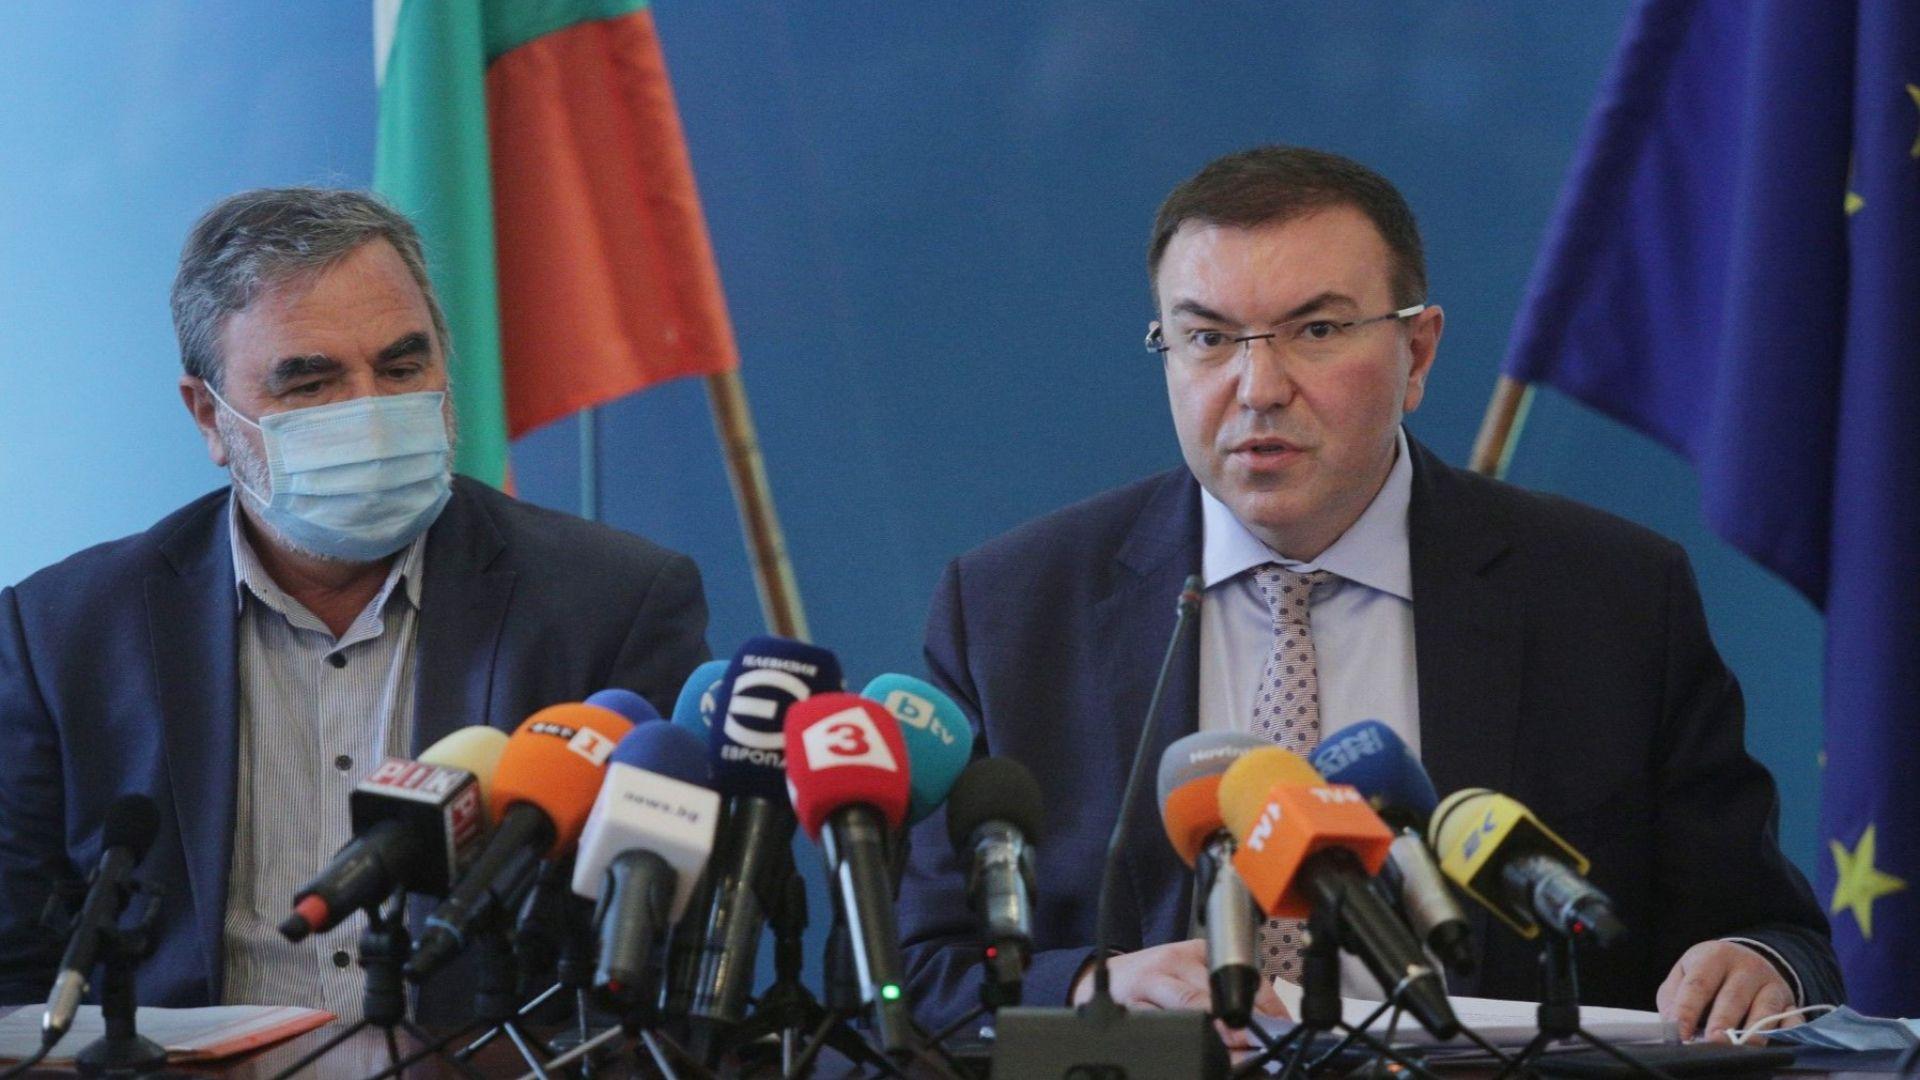 Щабът: Започват затруднения с болниците, не пътувайте до Благоевград и Търговище